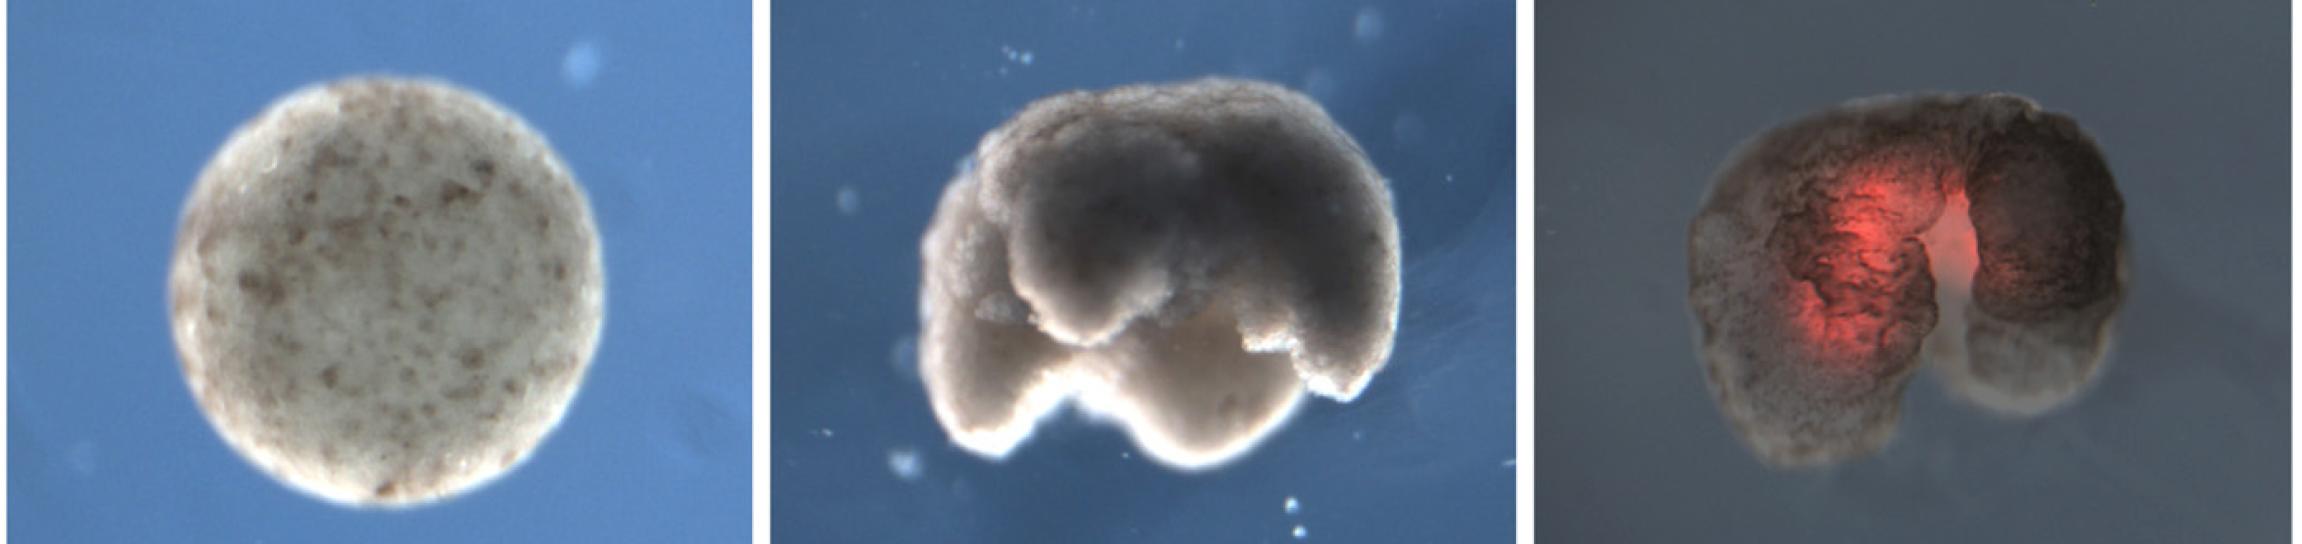 Ксеноботы: живые нанороботы из клеток лягушки